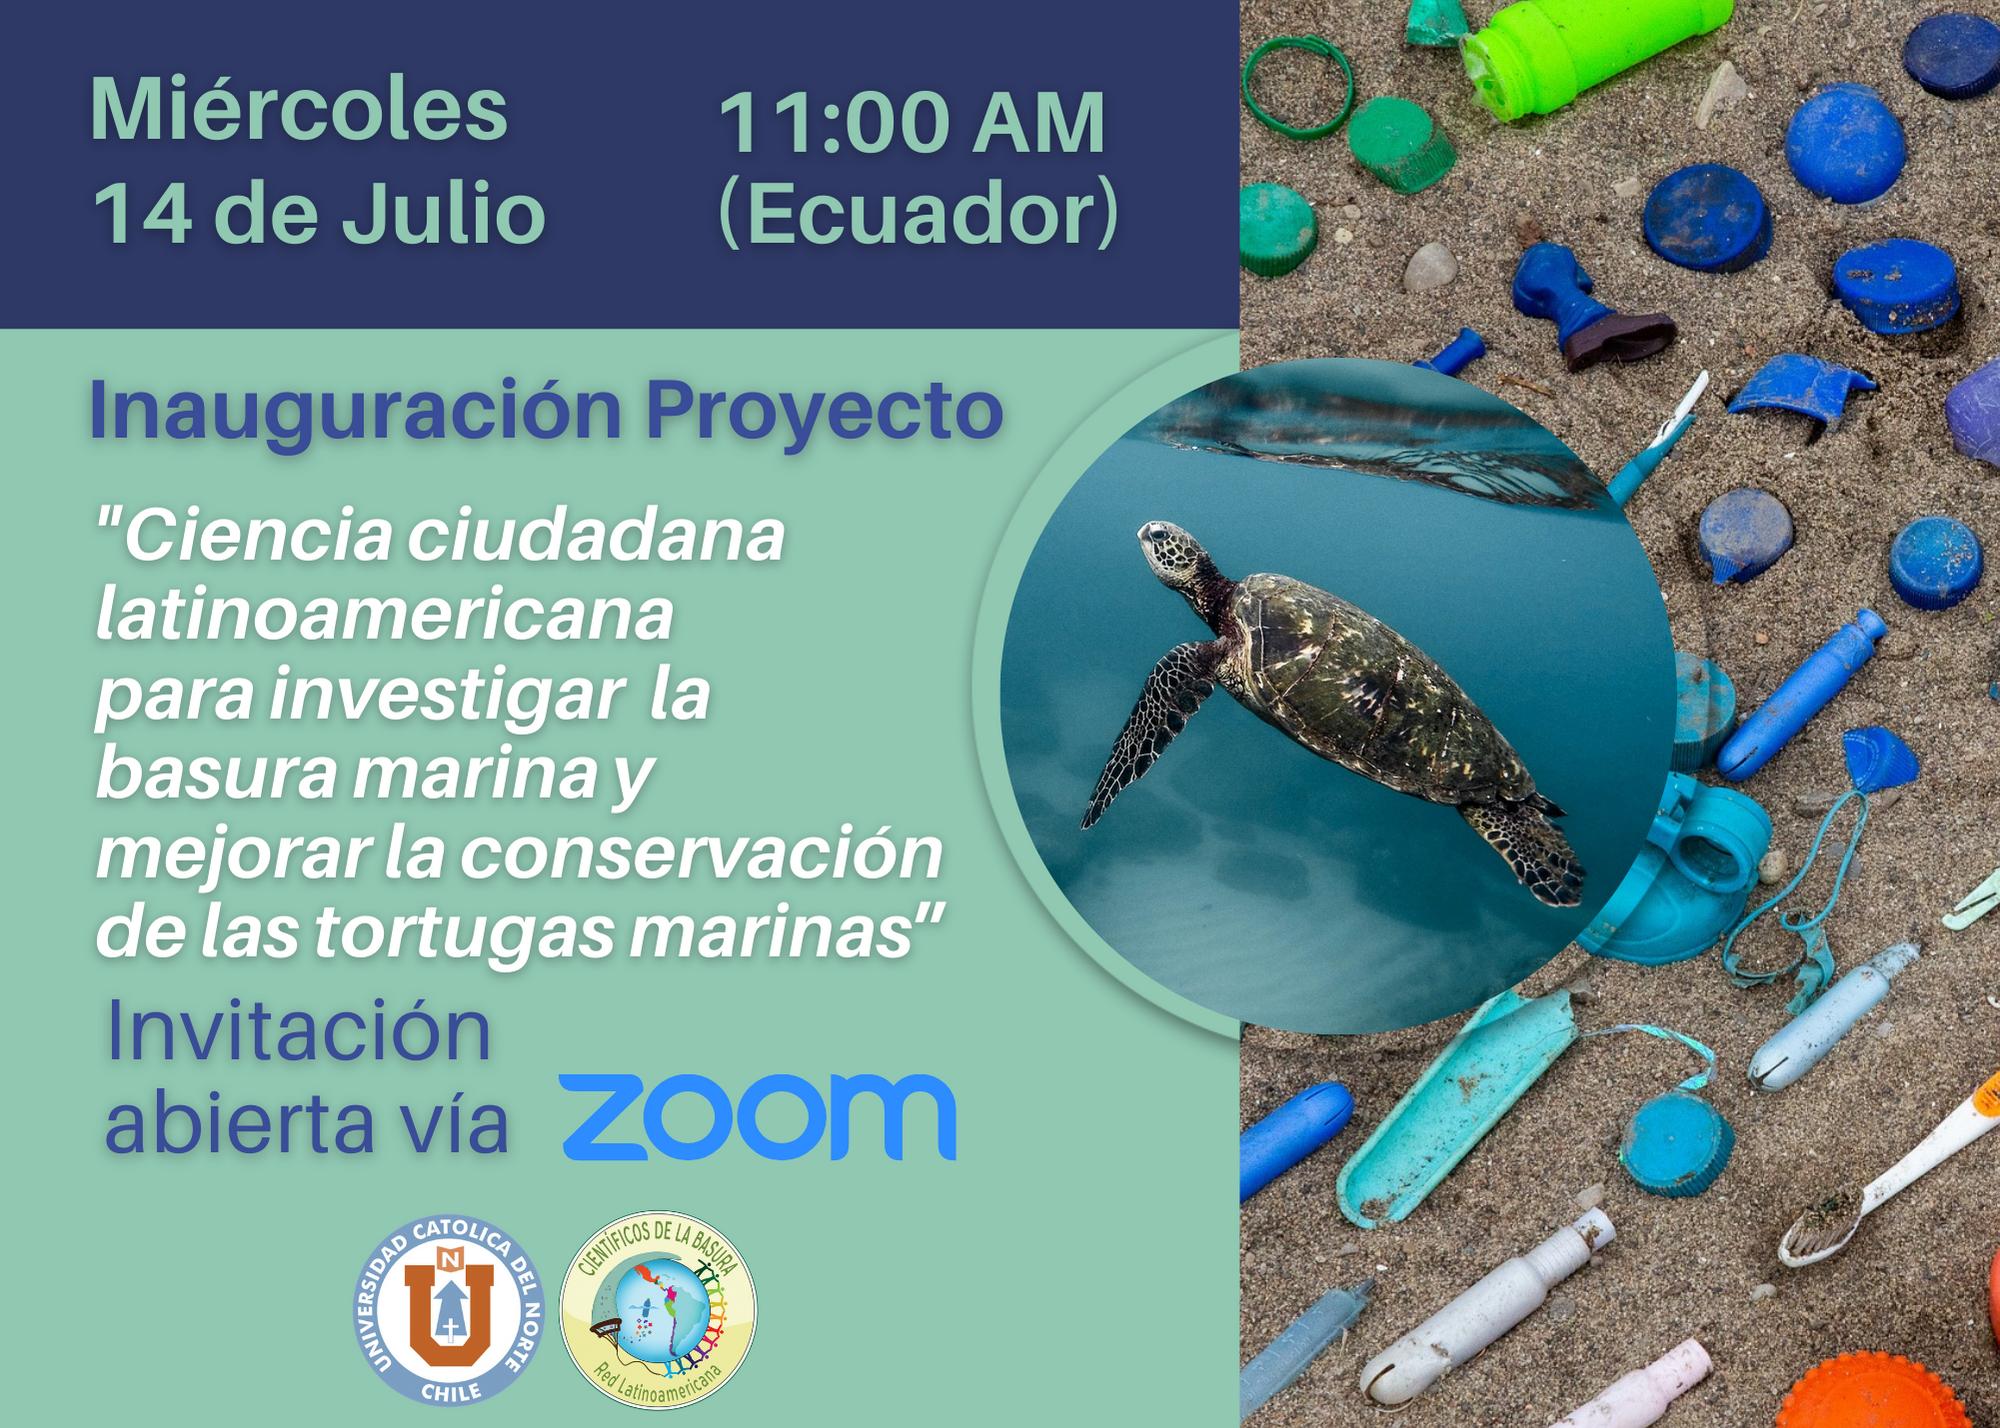 El proyecto será financiado por una fundación japonesa, y durante nueve meses, alrededor de 30 participantes de los países de la costa sur del Pacífico Este, se capacitarán sobre el impacto de la basura en las playas por donde transitan las tortugas marinas.